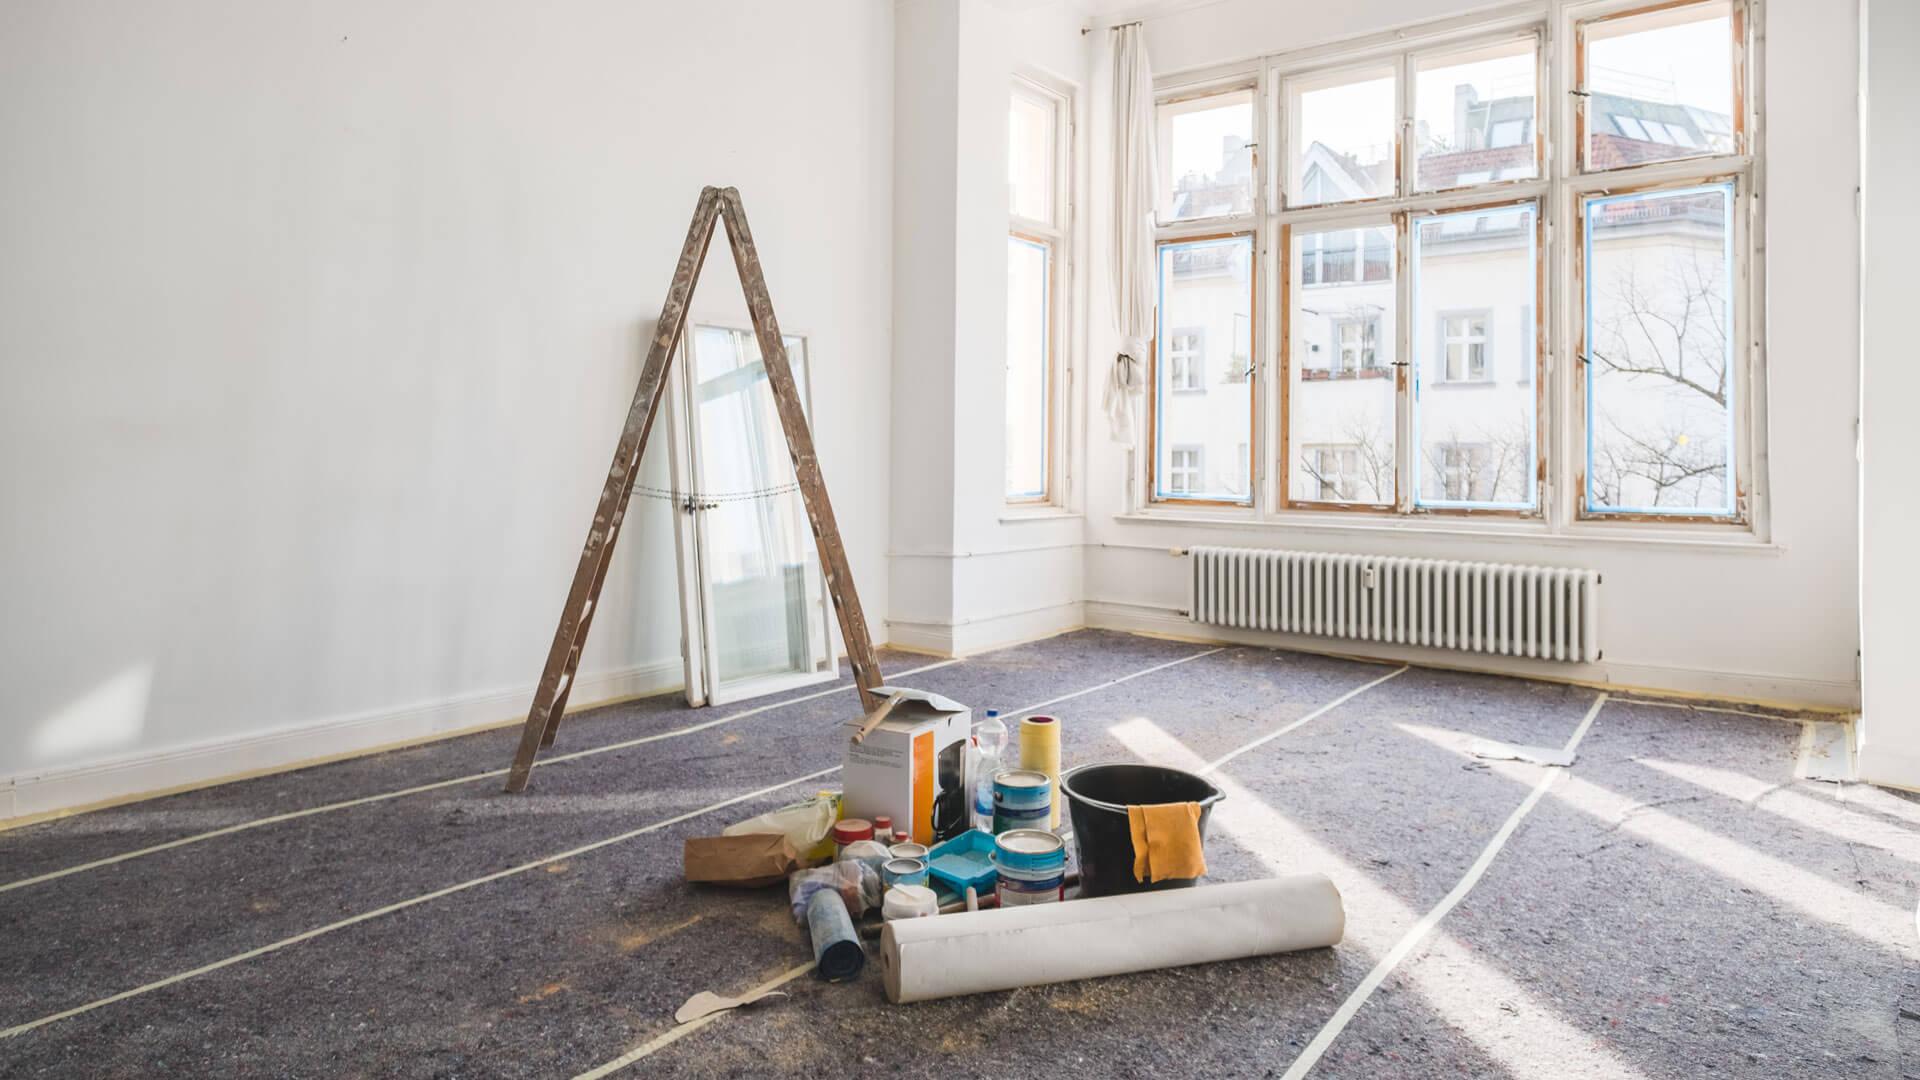 Ein Bild von einem Raum, der renoviert wird. Der Boden ist mit Vlies abgedeckt und in der Mitte des Raumes stehen eine Leiter, Eimer und Werkzeug.